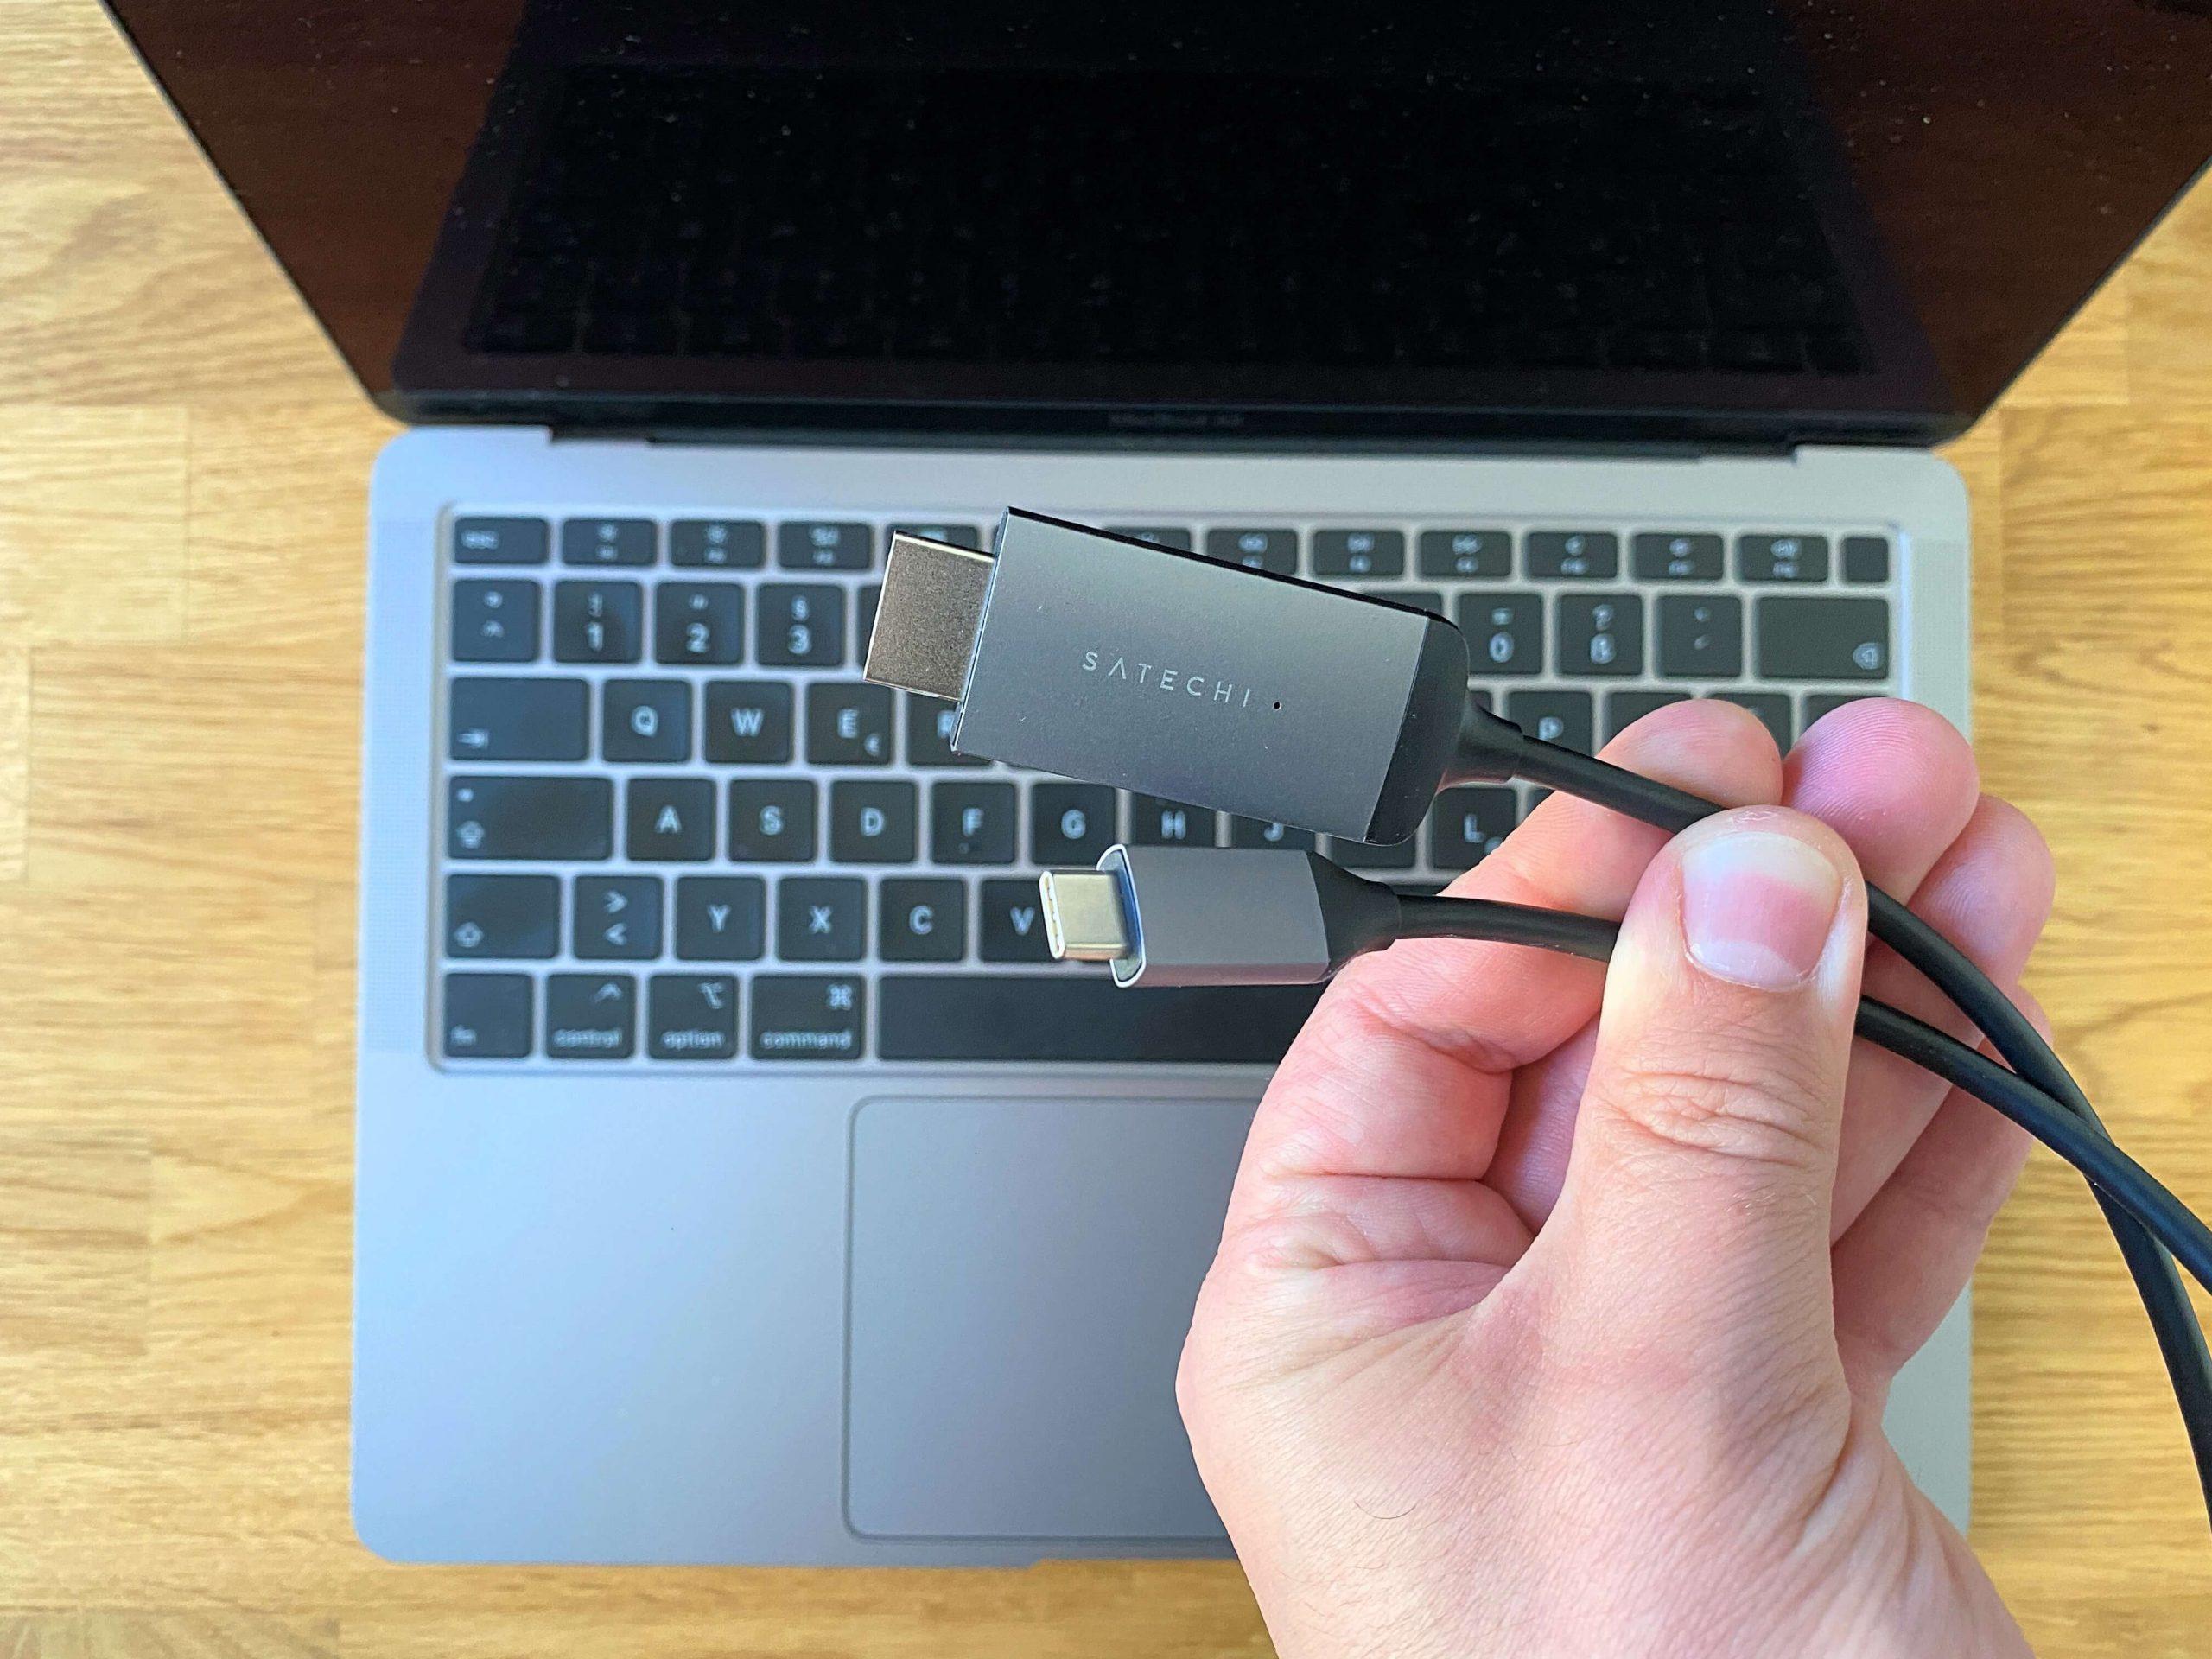 USB-Typ-C-auf-HDMI-Kabel-von-Satechi-das-spezielles-Kabel-für-den-Fall-der-Fälle1-scaled USB Typ-C- auf HDMI-Kabel von Satechi - spezielles Kabel für den Fall der Fälle